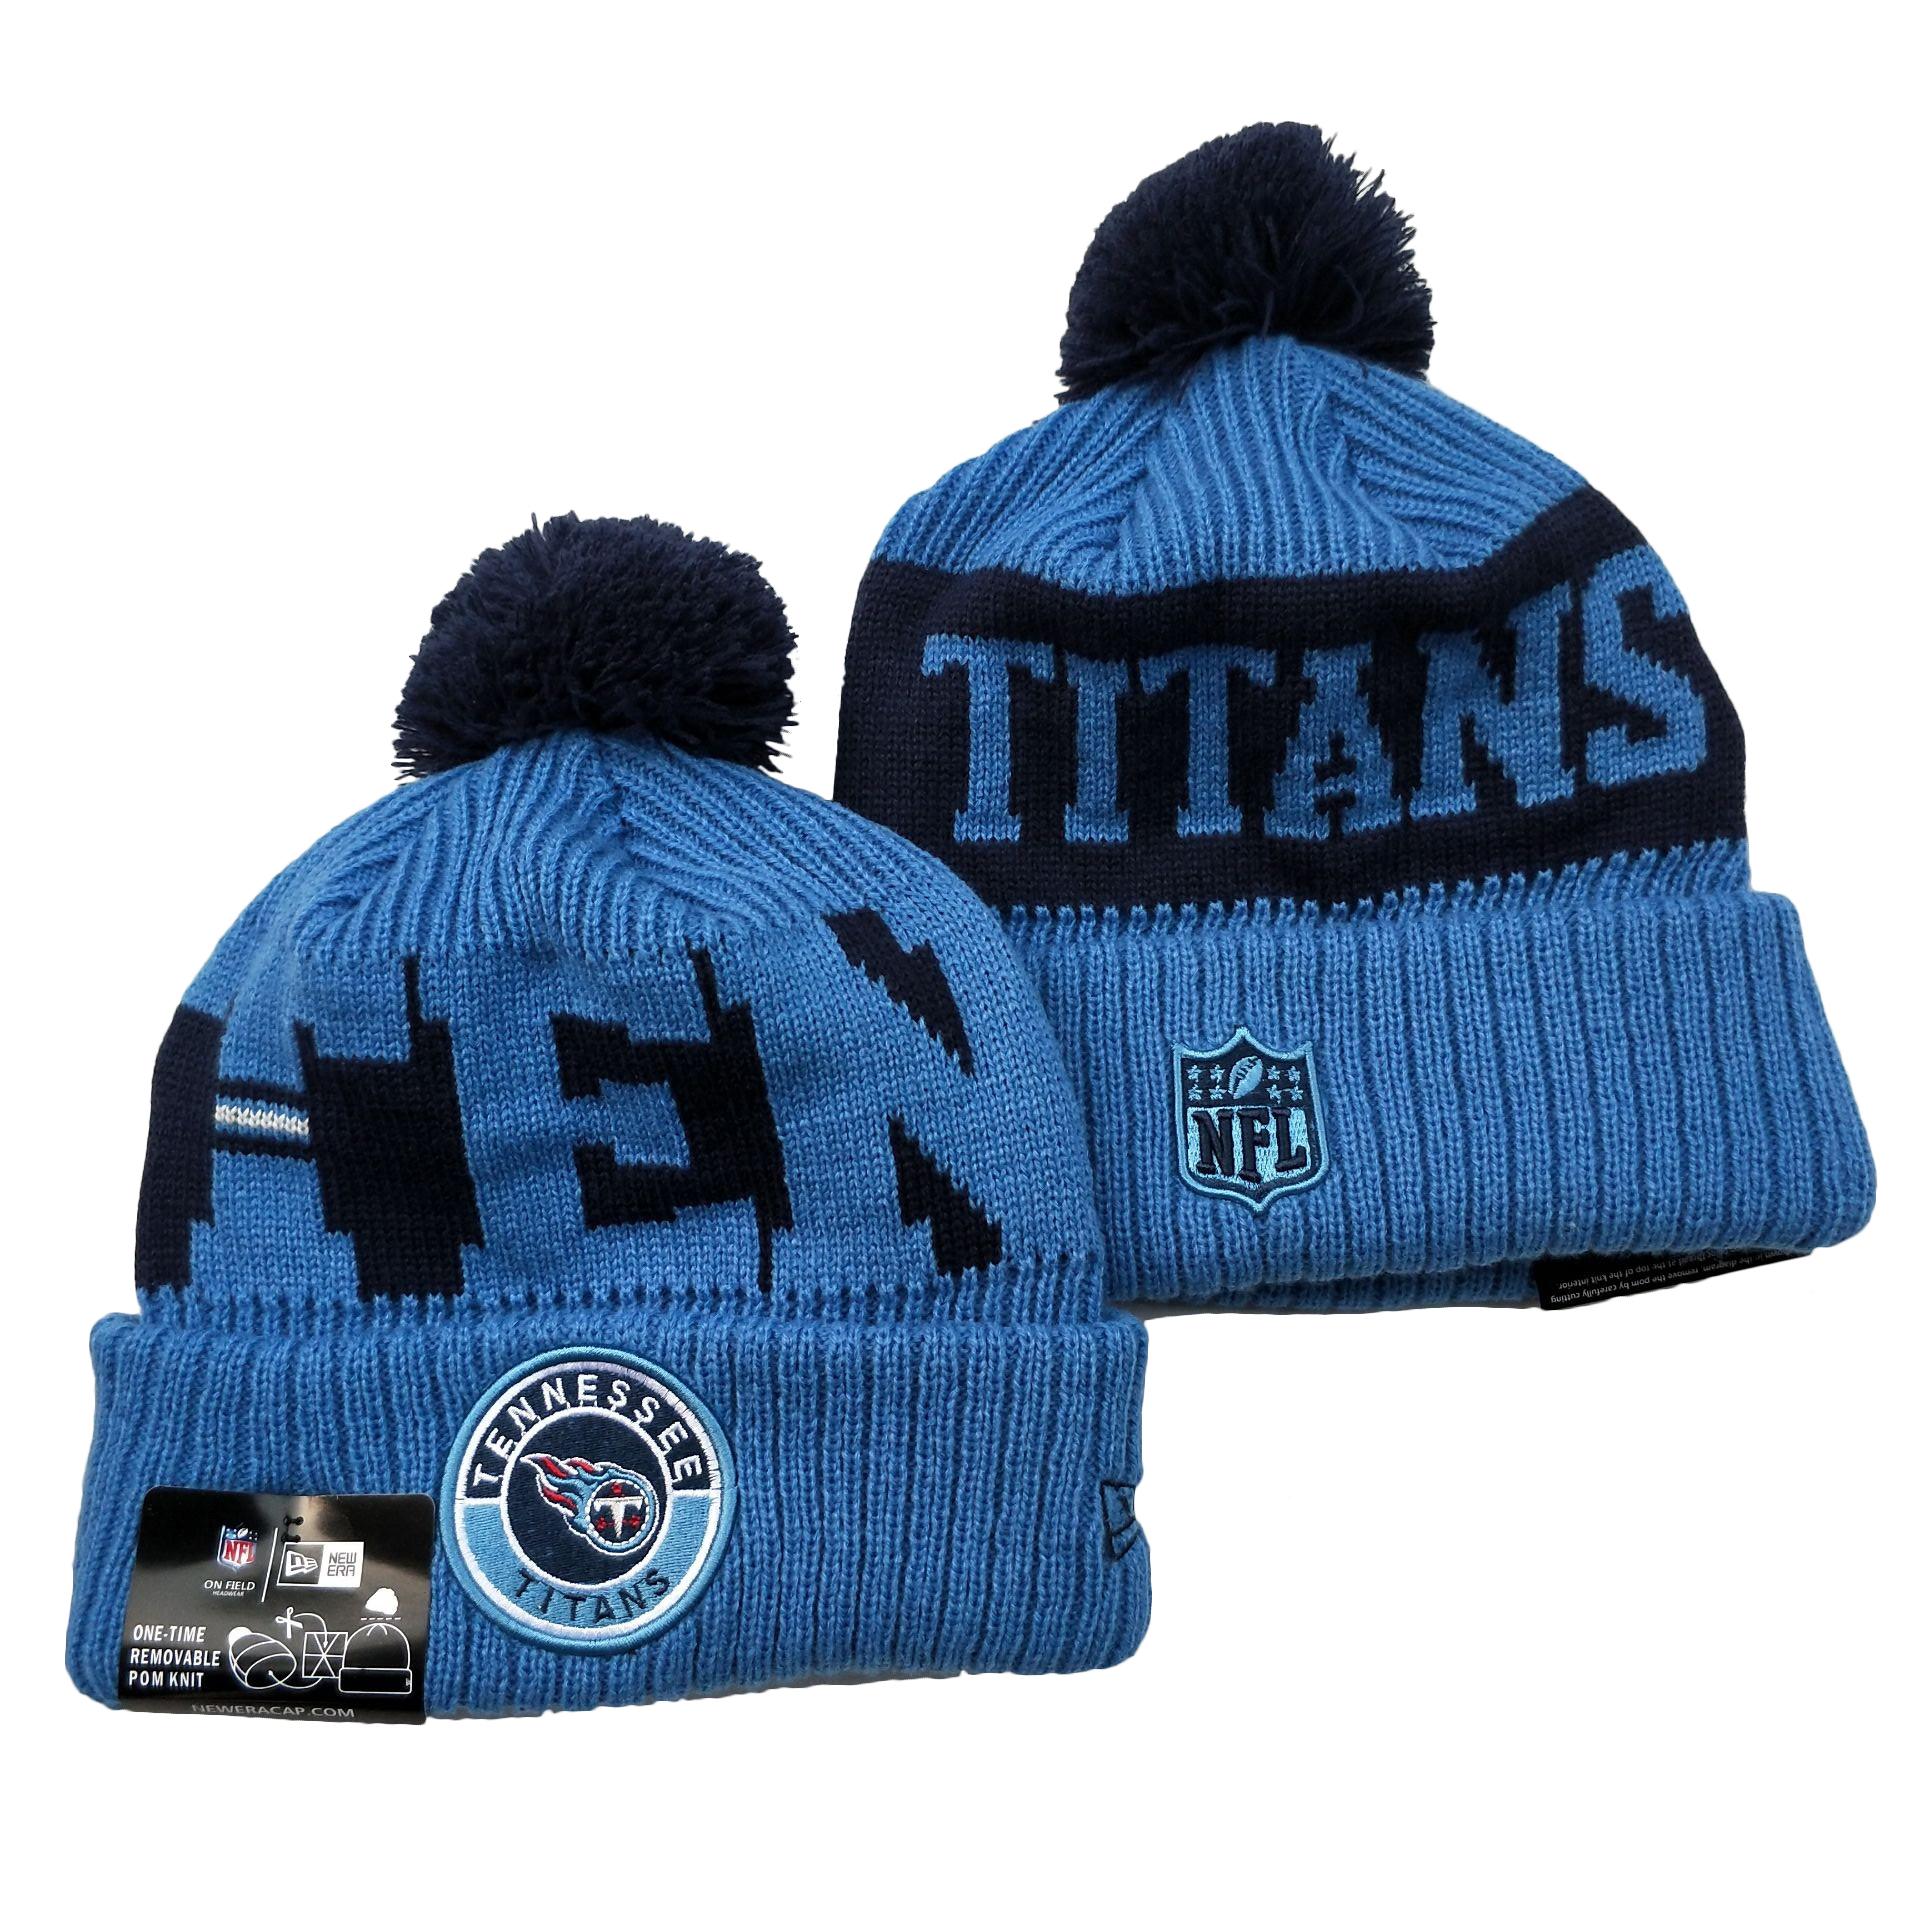 Titans Team Logo Blue 2020 NFL Sideline Pom Cuffed Knit Hat YD